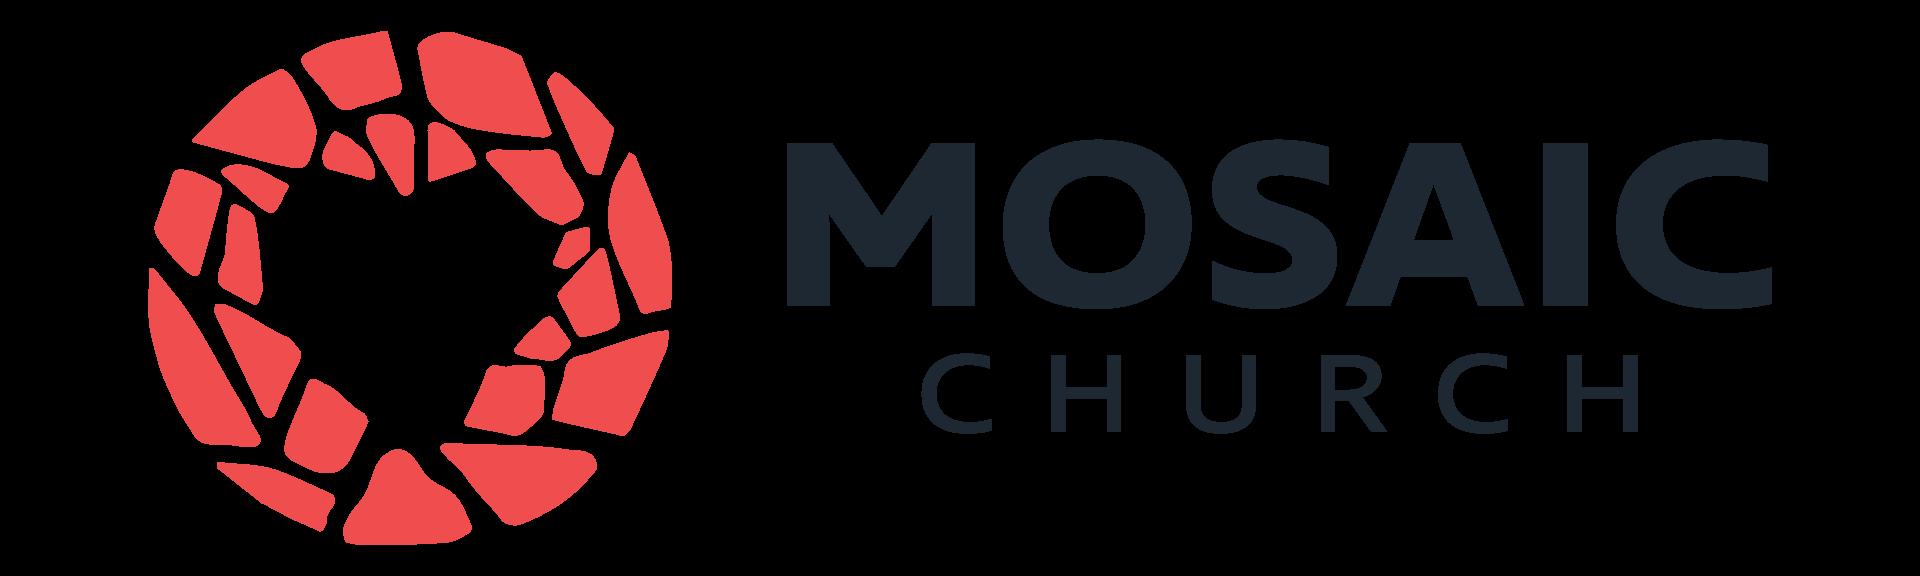 Mosaic Church